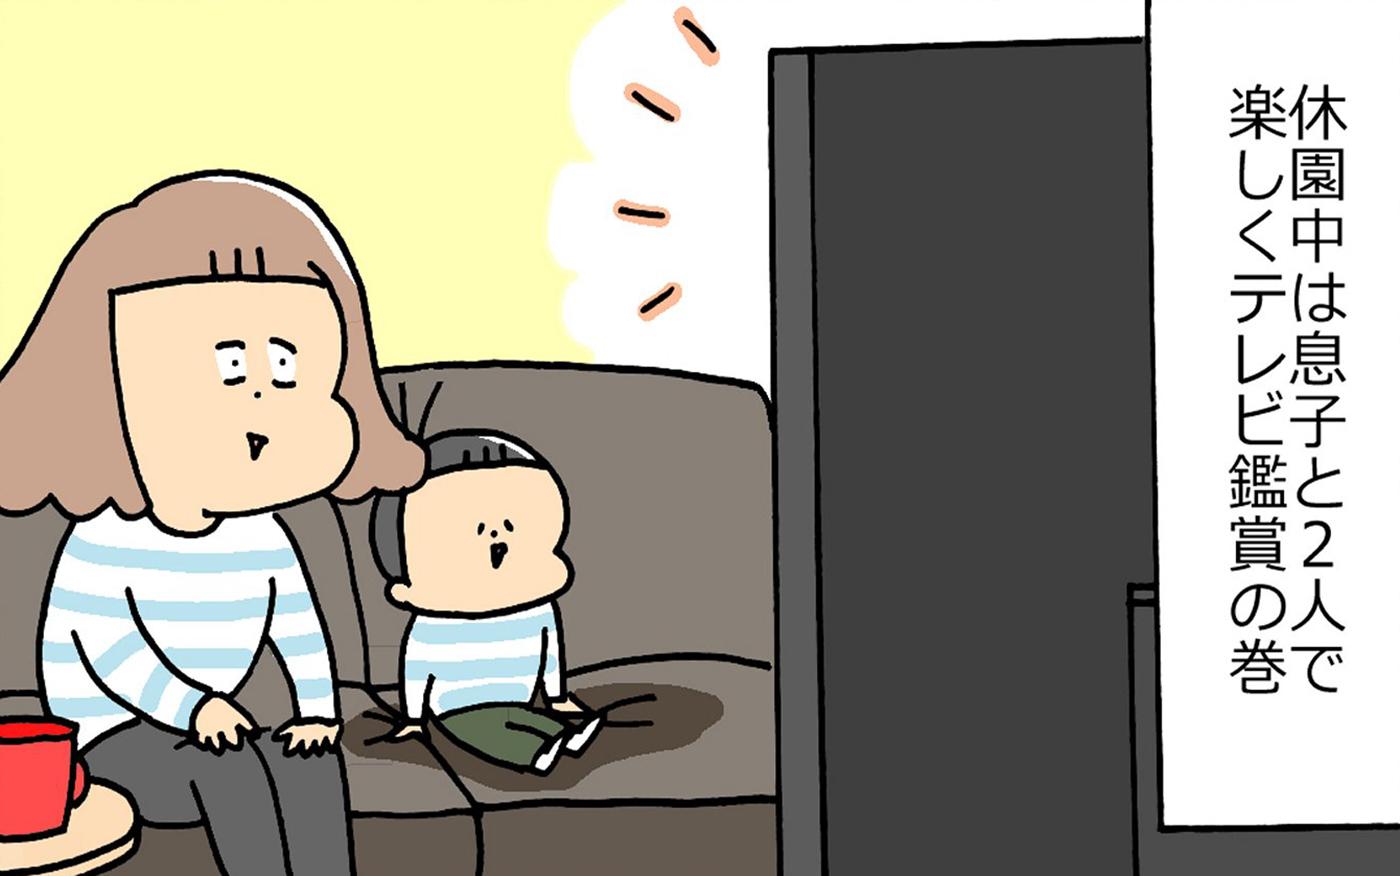 母もゆっくりテレビが見たい…息子のアクロバティックな特撮ヒーロータイム